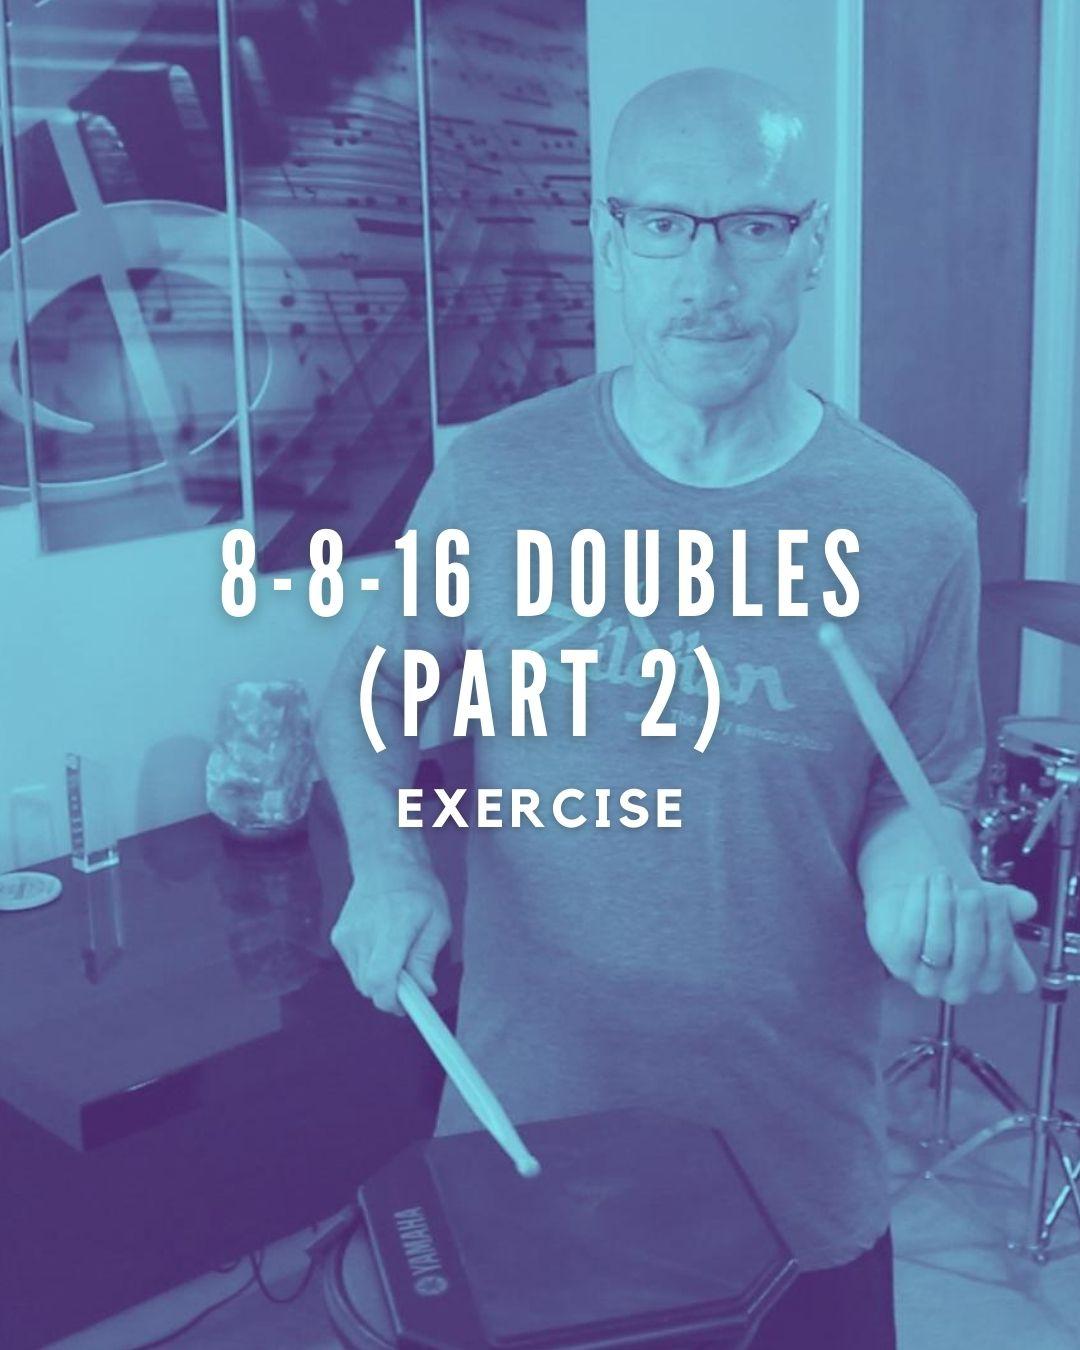 8-8-16 Doubles Part 2